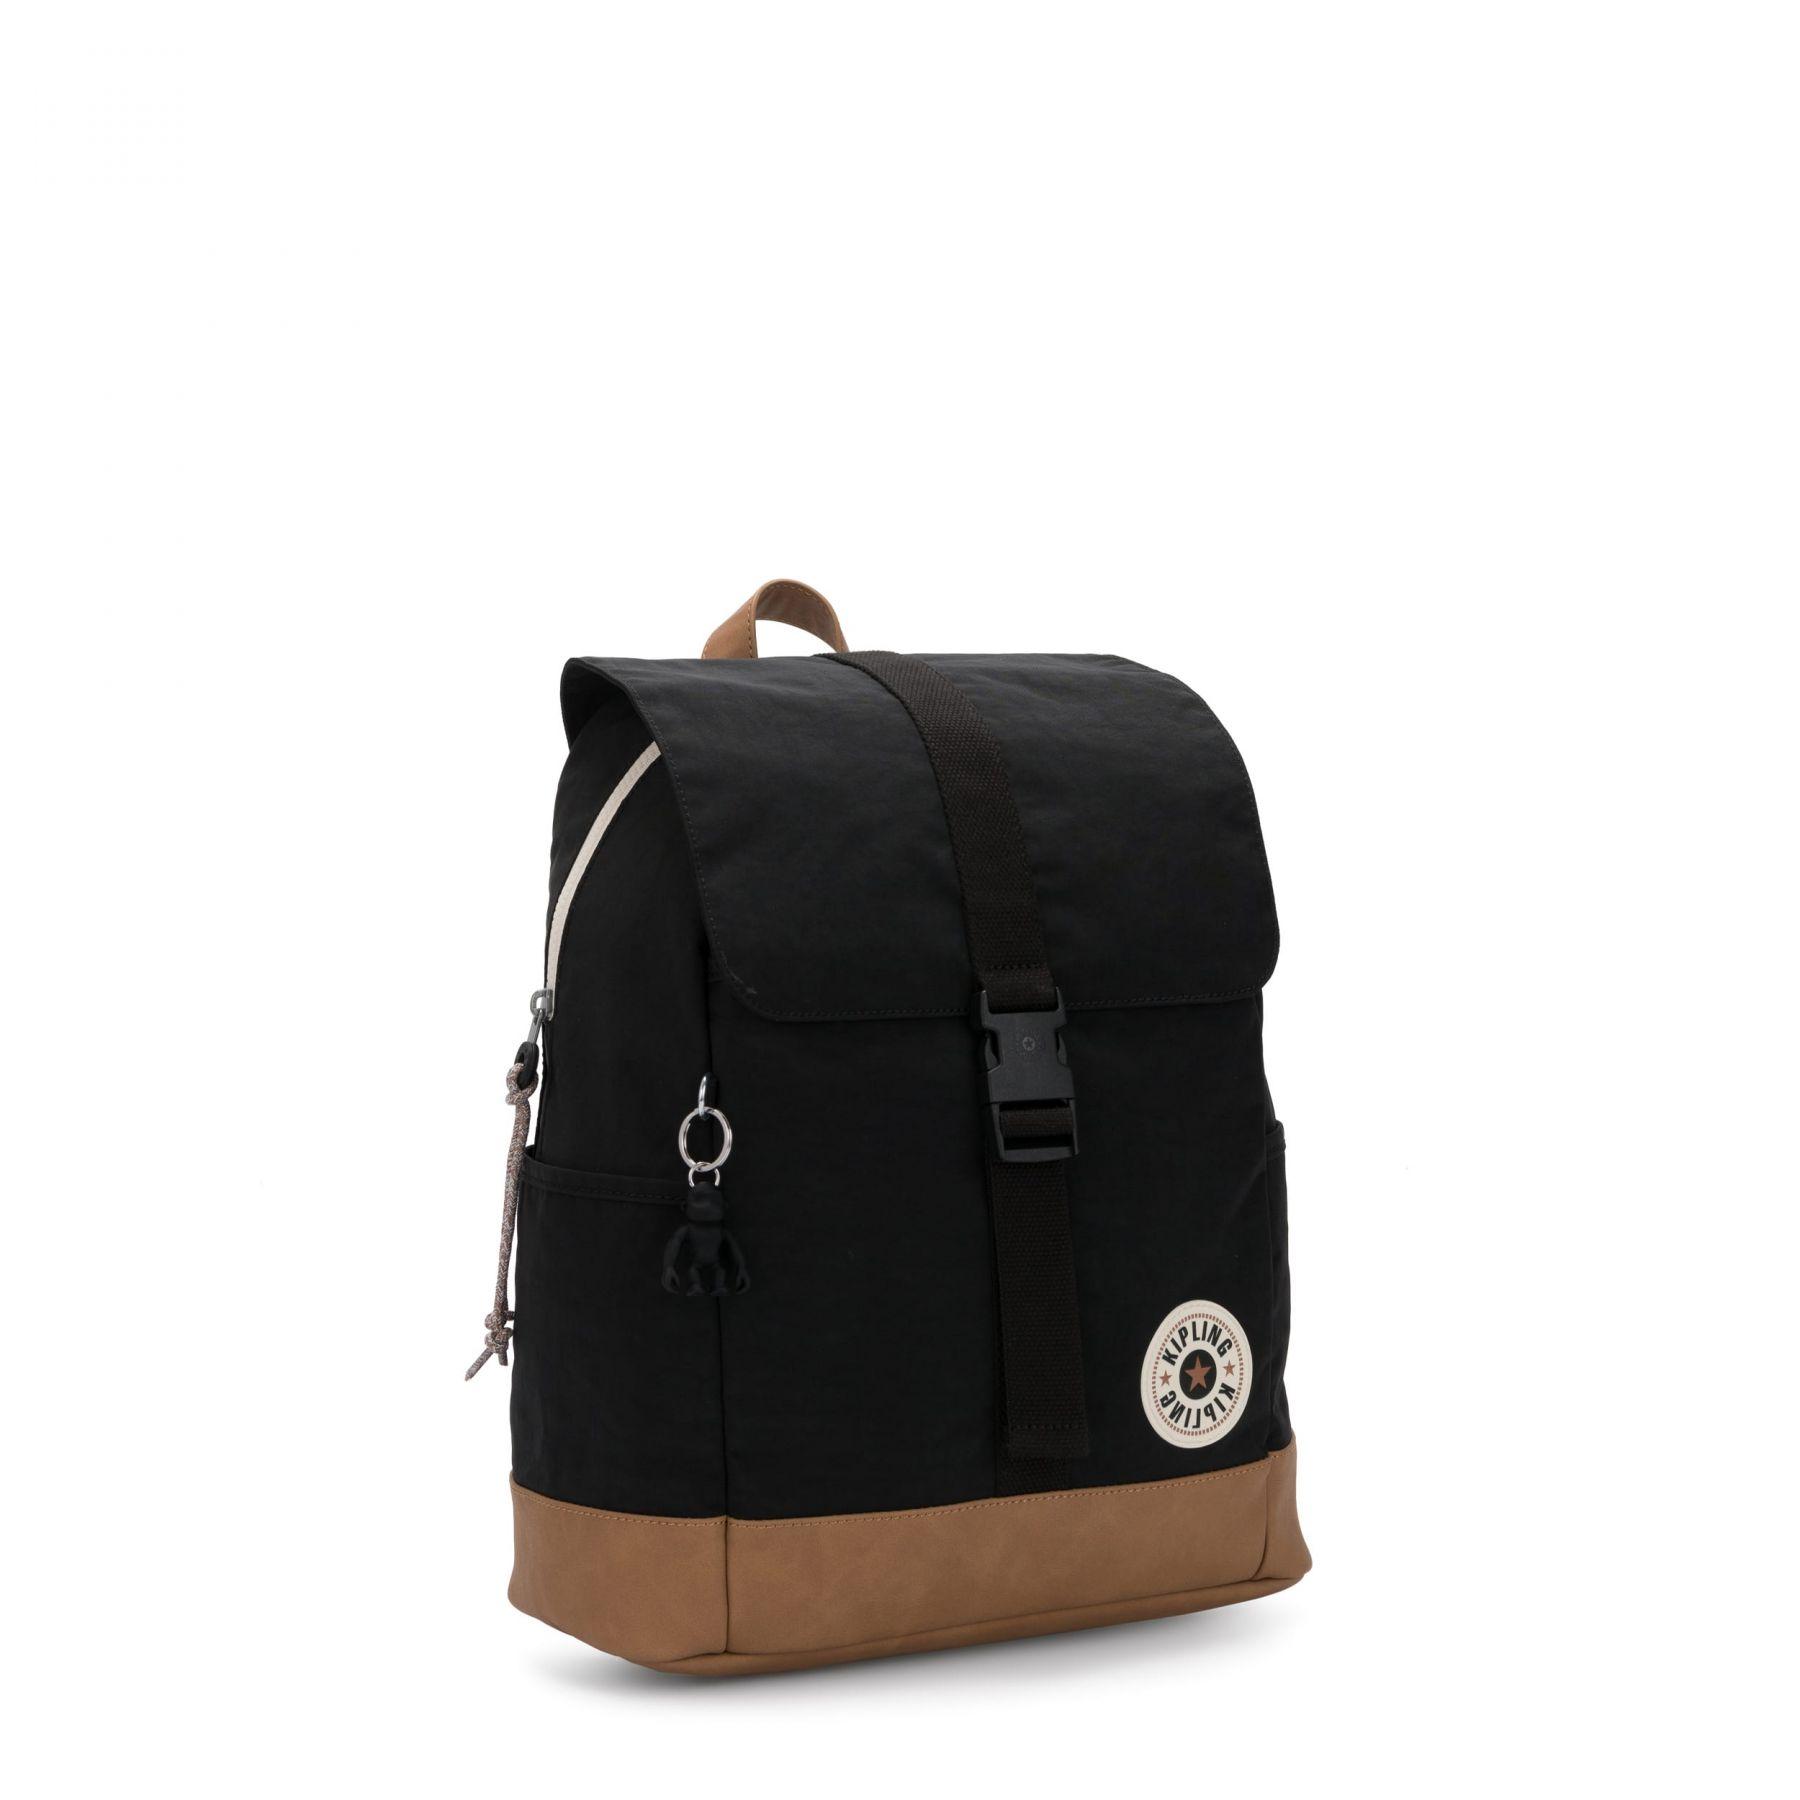 TAVAS SCHOOL BAGS by Kipling